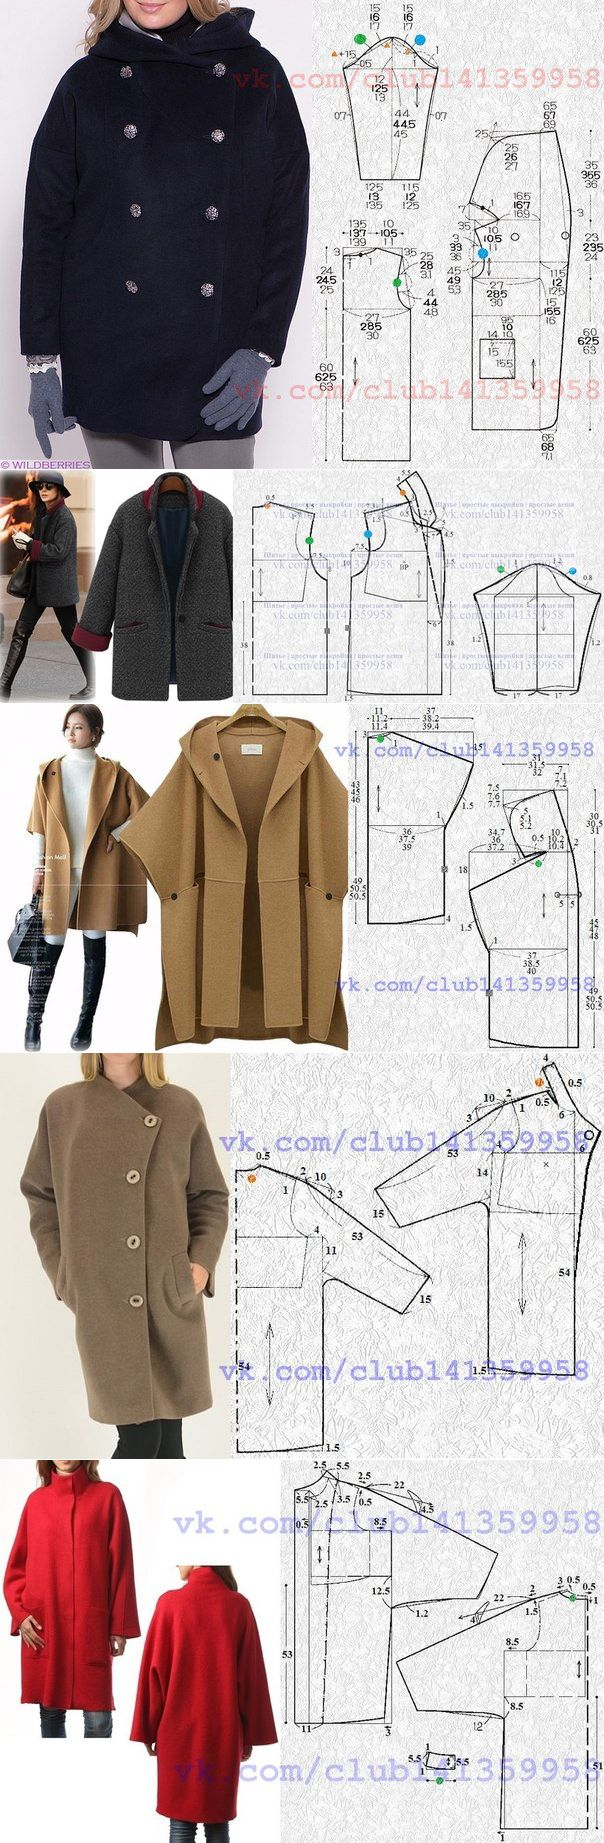 Шитье | простые выкройки | простые вещи.Весна не за горами, а значит, пора шить новое пальто!